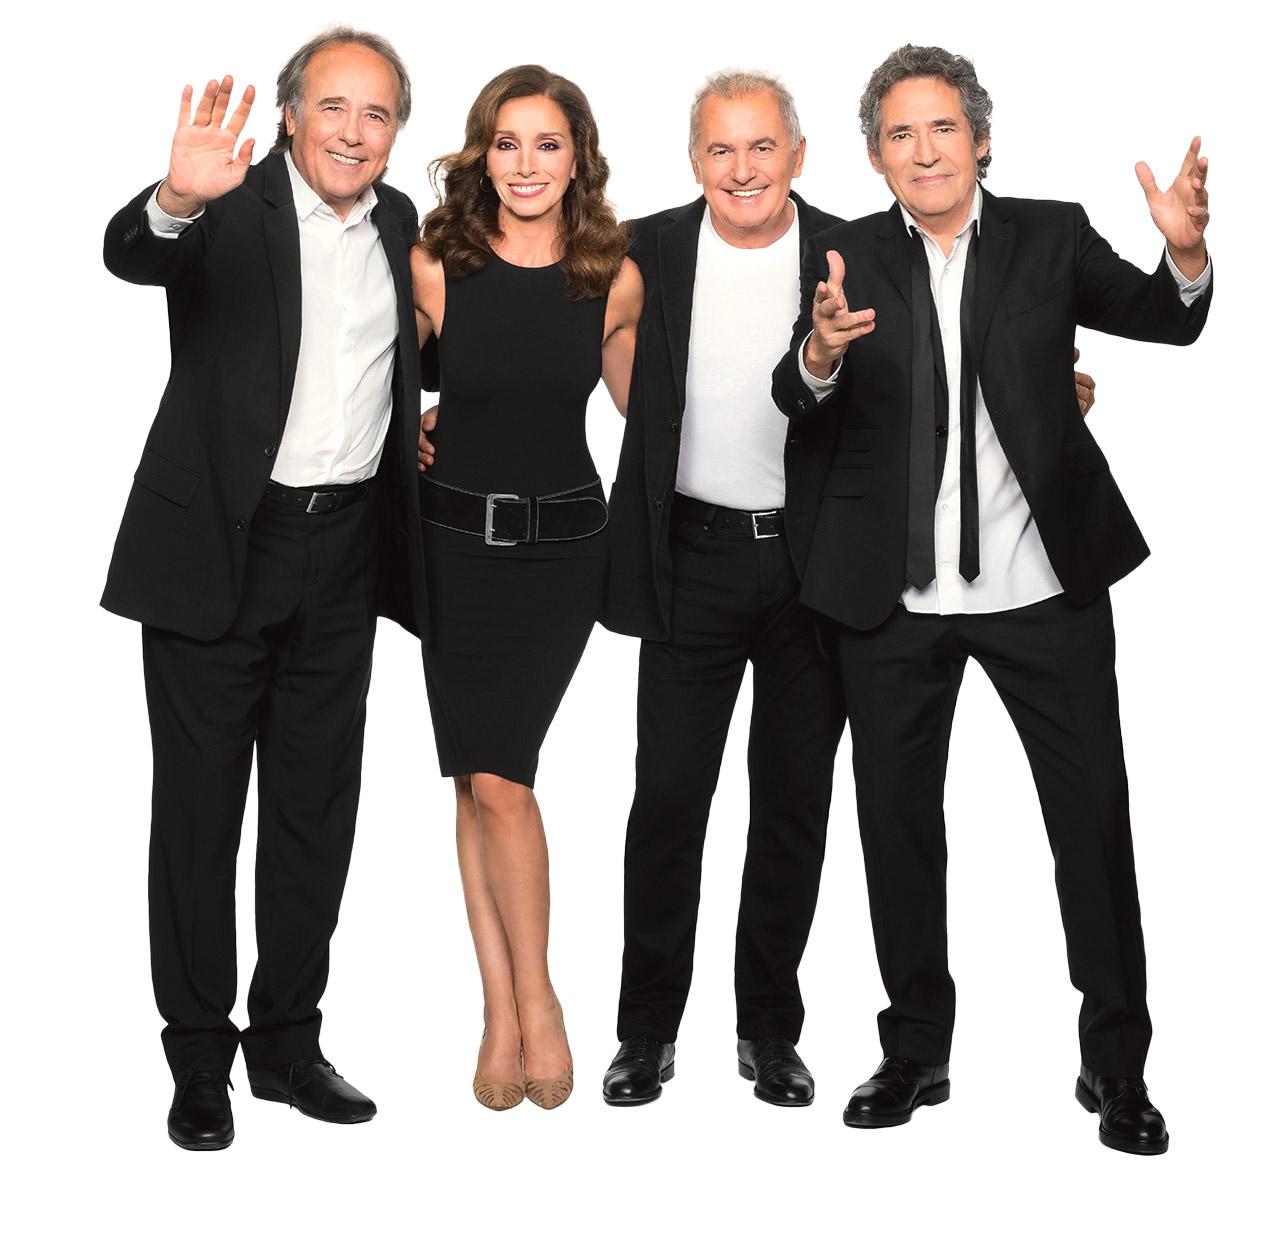 Concierto Joan Manuel Serrat, Ana Belén, Miguel Ríos, Víctor Manuel - Santiago de Chile